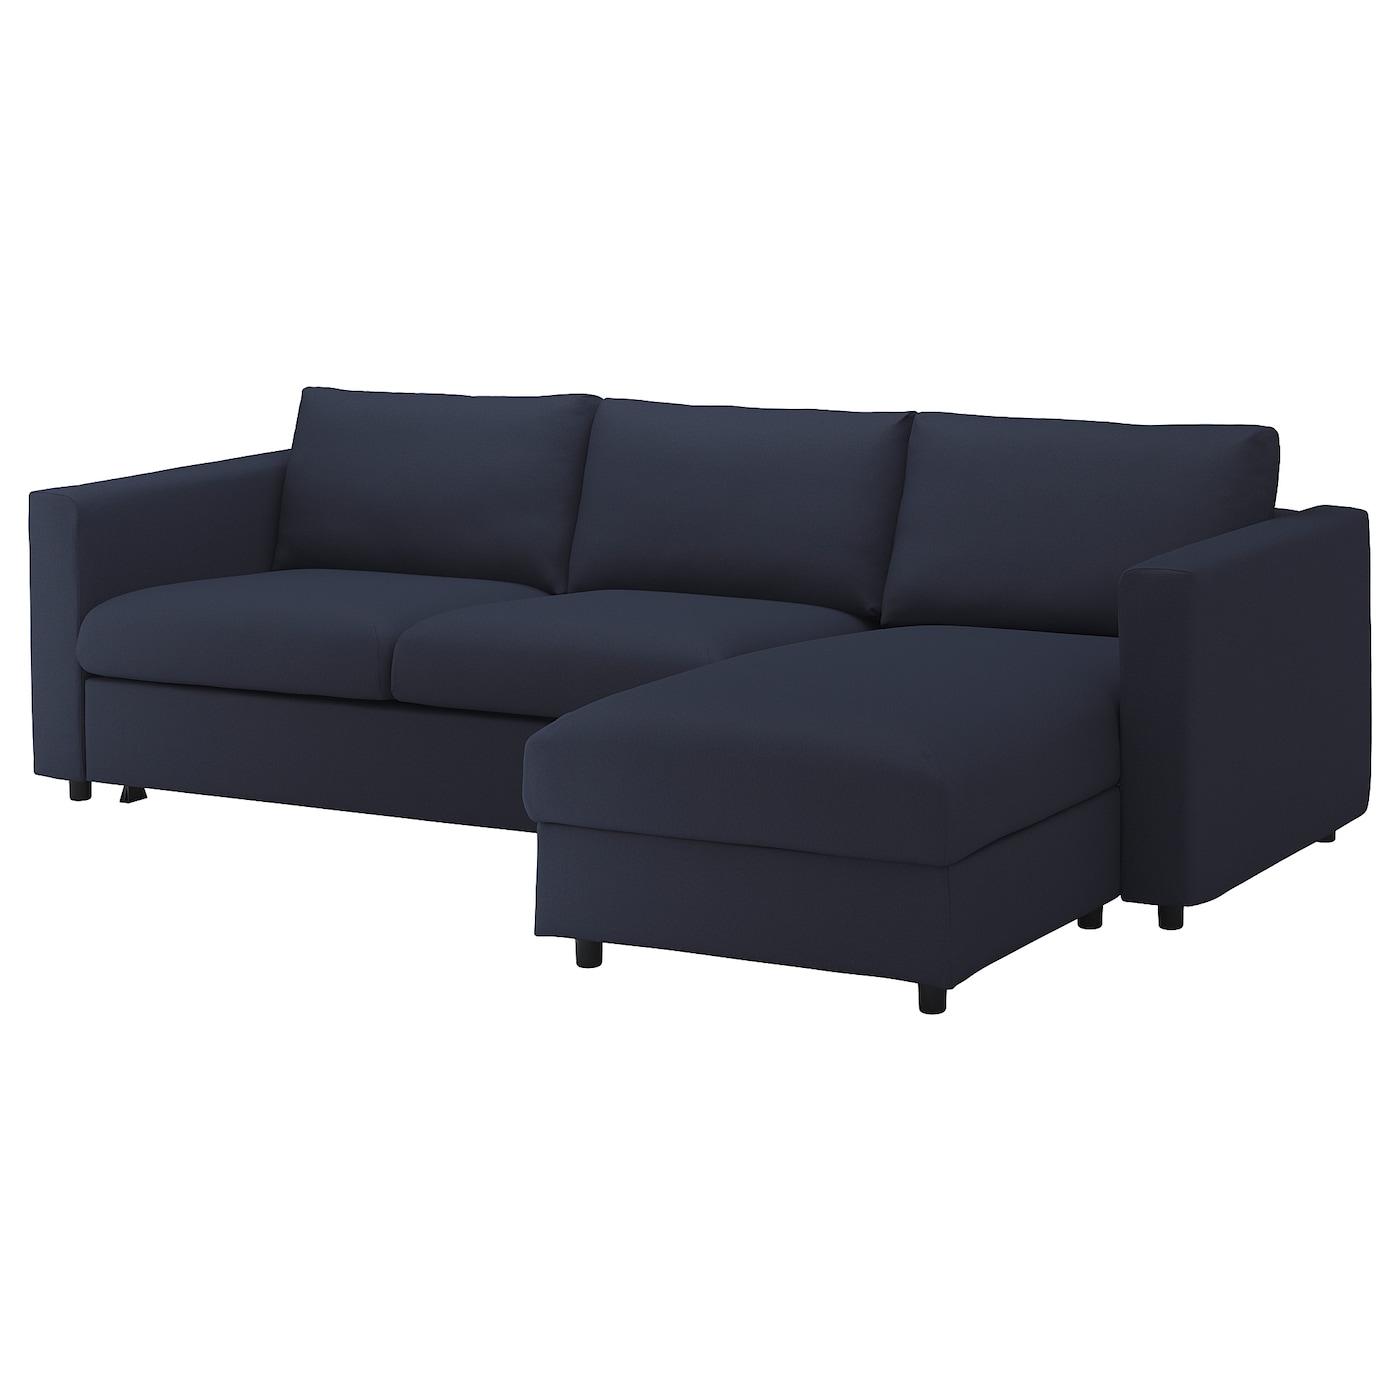 Zit En Slaapbank.Zetelbed Sofabed Slaapzetel 1 2 Personen Goedkoop Kopen Ikea